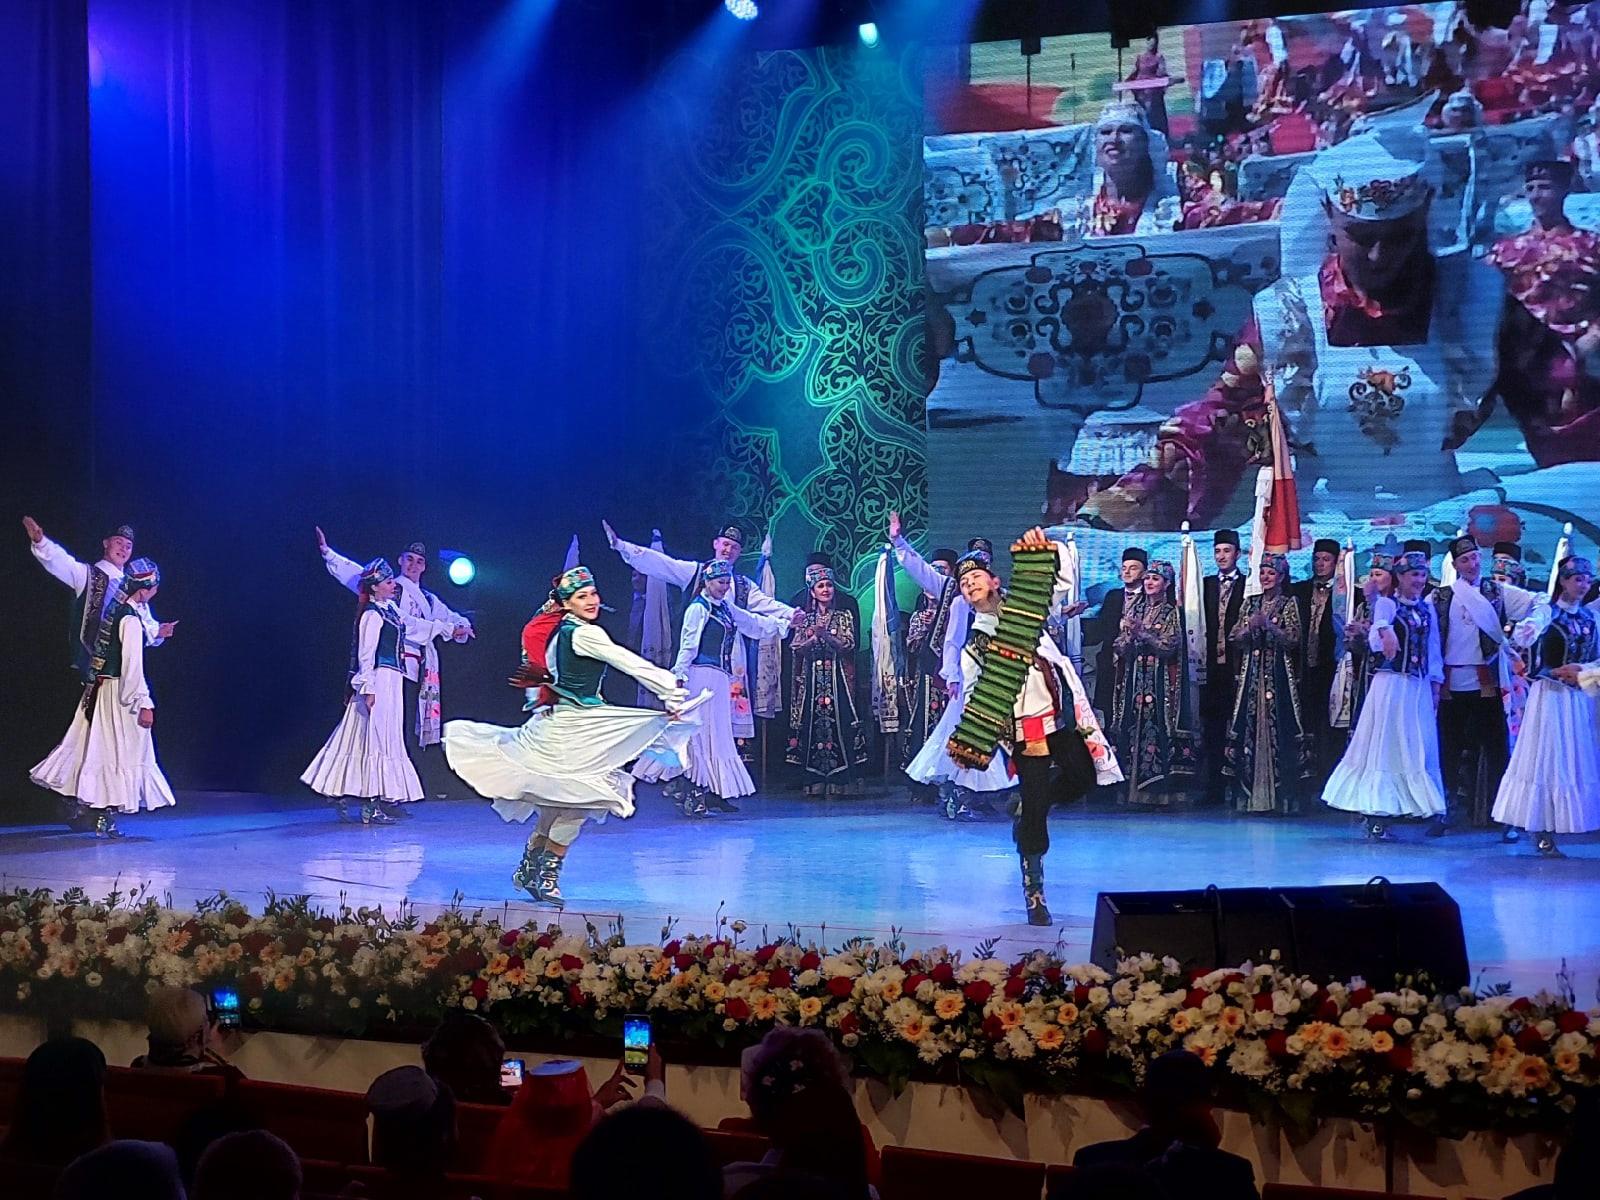 Губернатор Югры Наталья Комарова приняла участие в торжественной церемонии открытия XXI федерального Сабантуя, стартовавшего 18 июняв Нижневартовске.